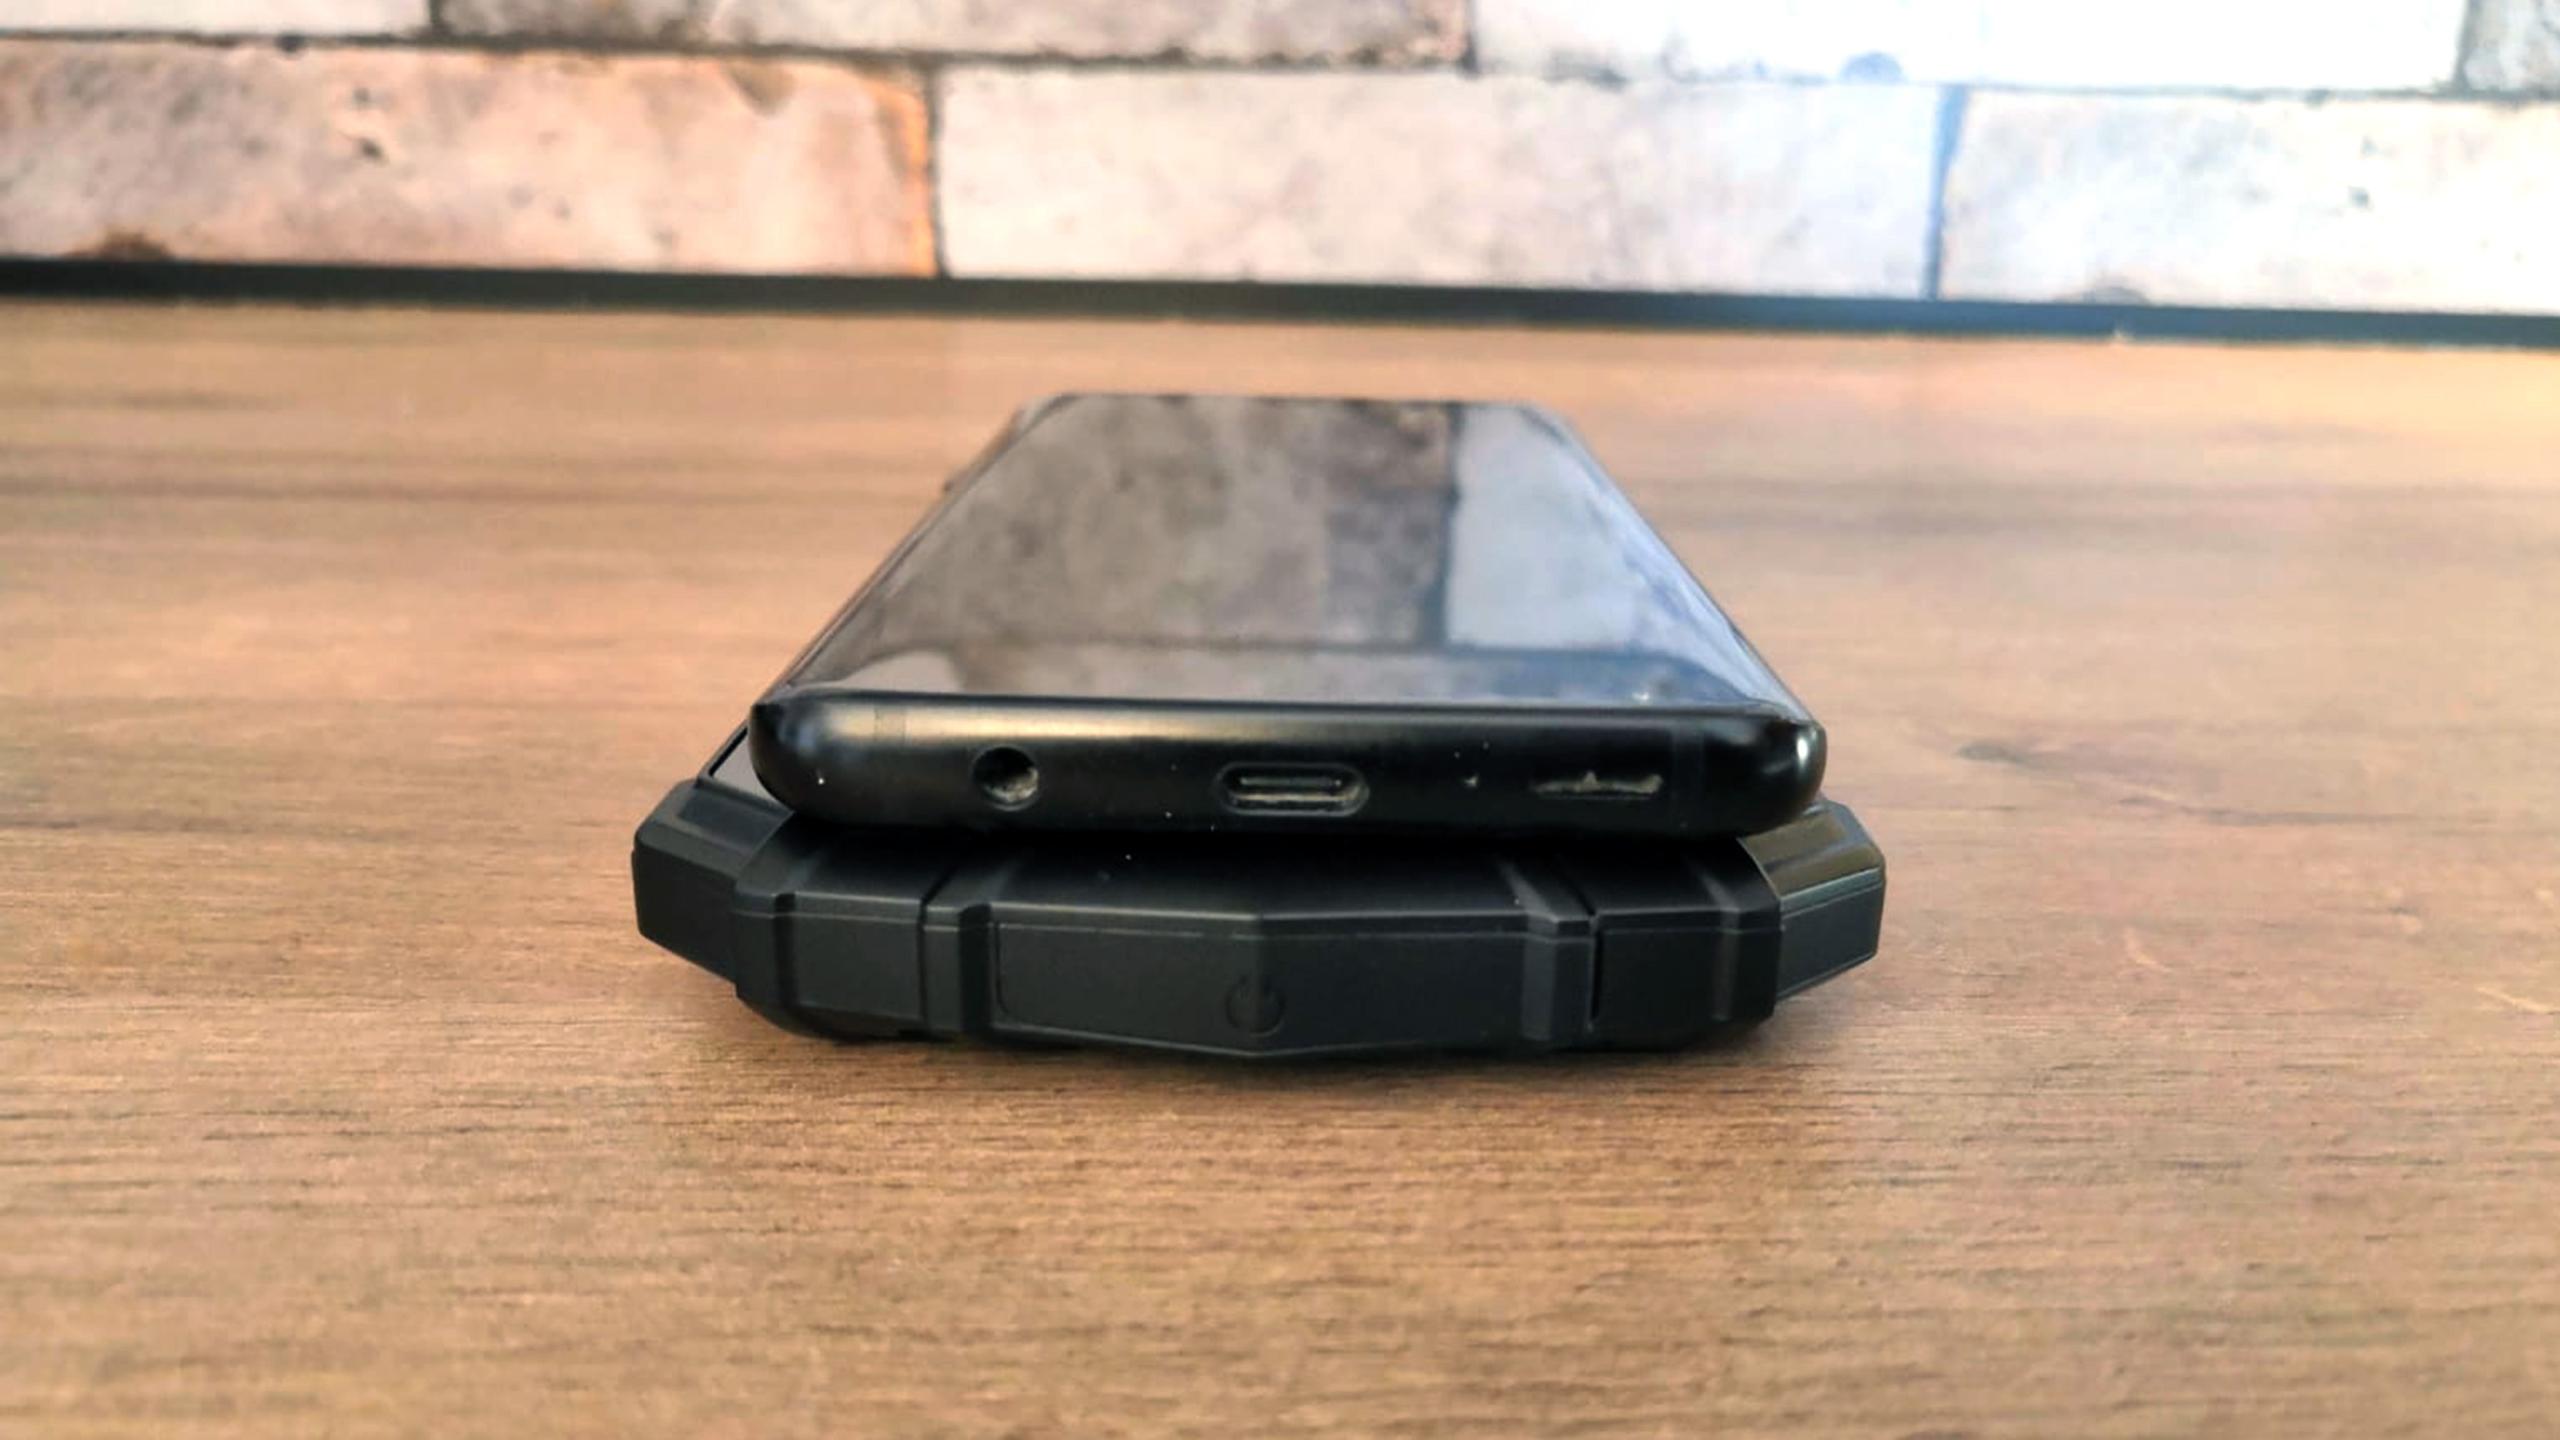 Vergleich Baustellen-Smartphone und klassisches Handy